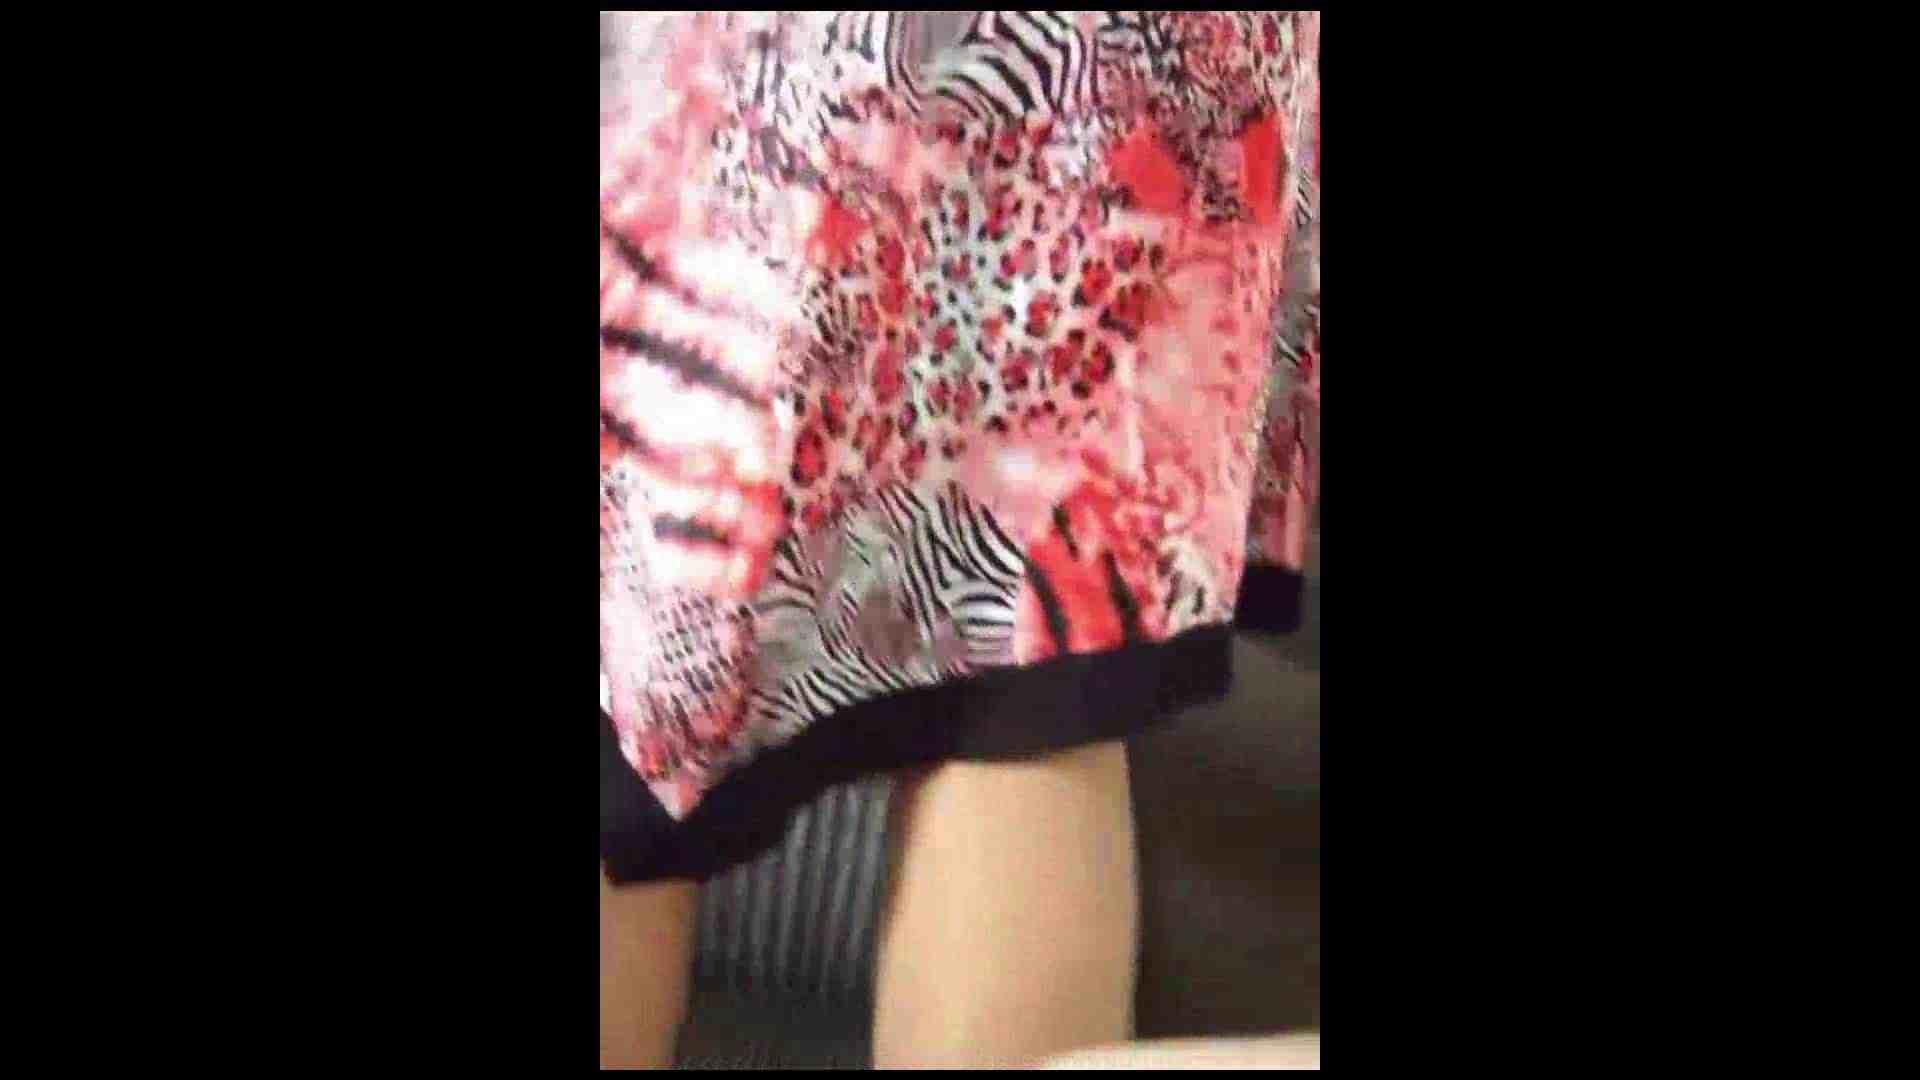 綺麗なモデルさんのスカート捲っちゃおう‼vol03 お姉さんのエロ動画  101PIX 16